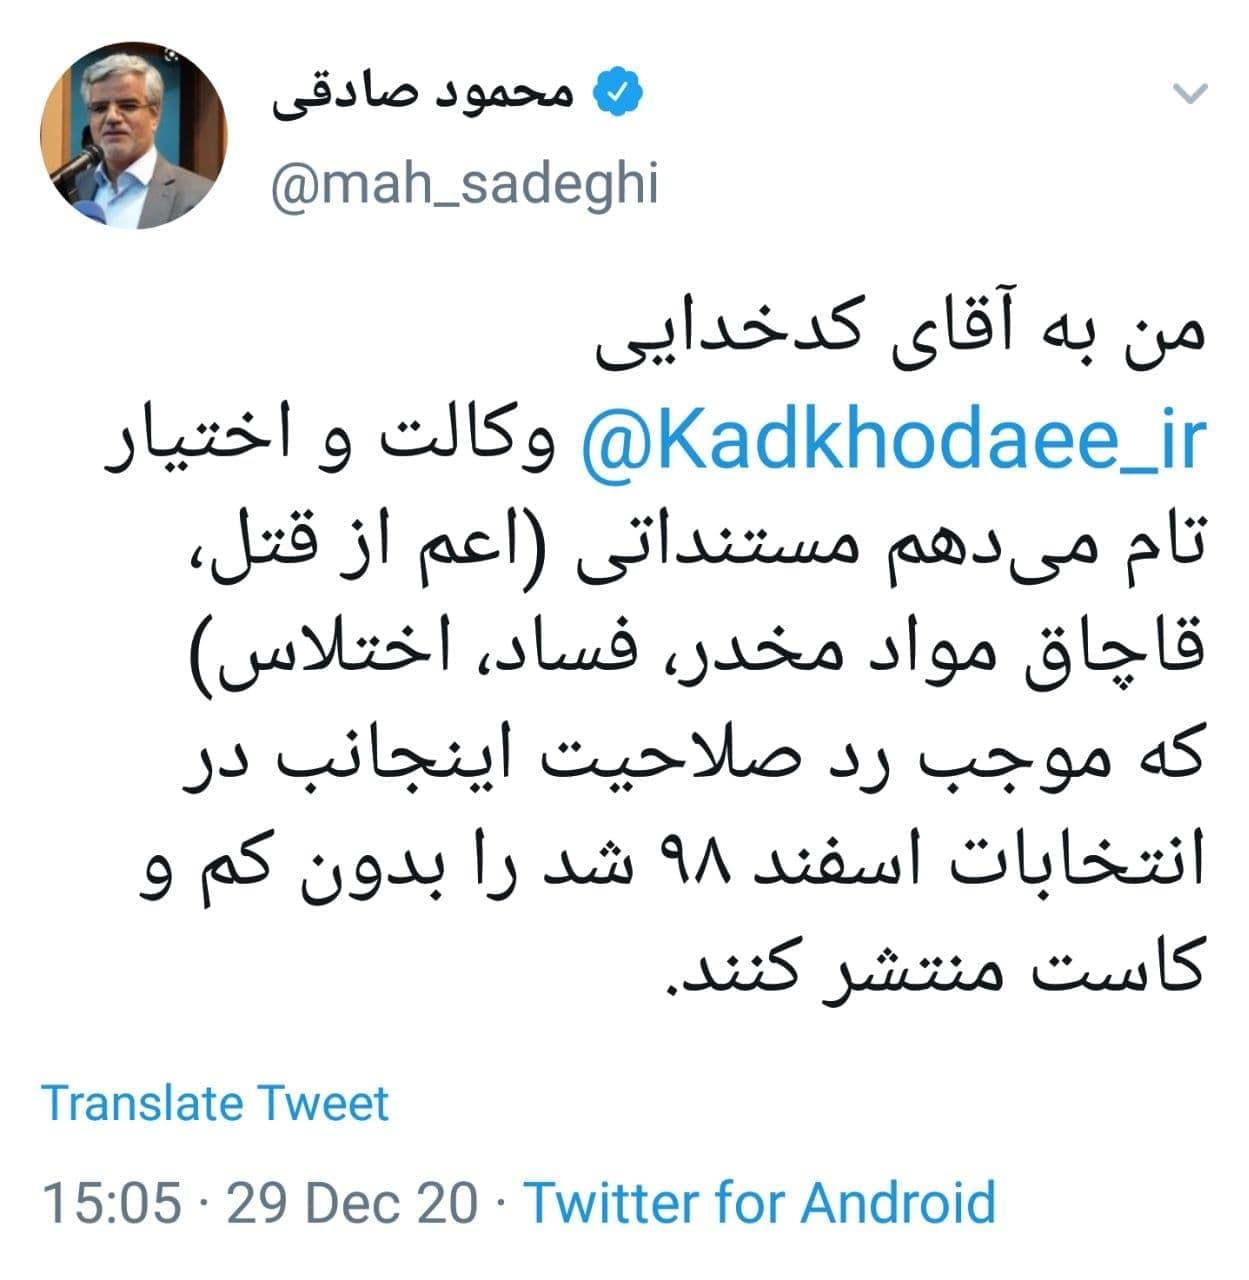 محمود صادقی: مستندات ردصلاحیت مرا منتشر کنید